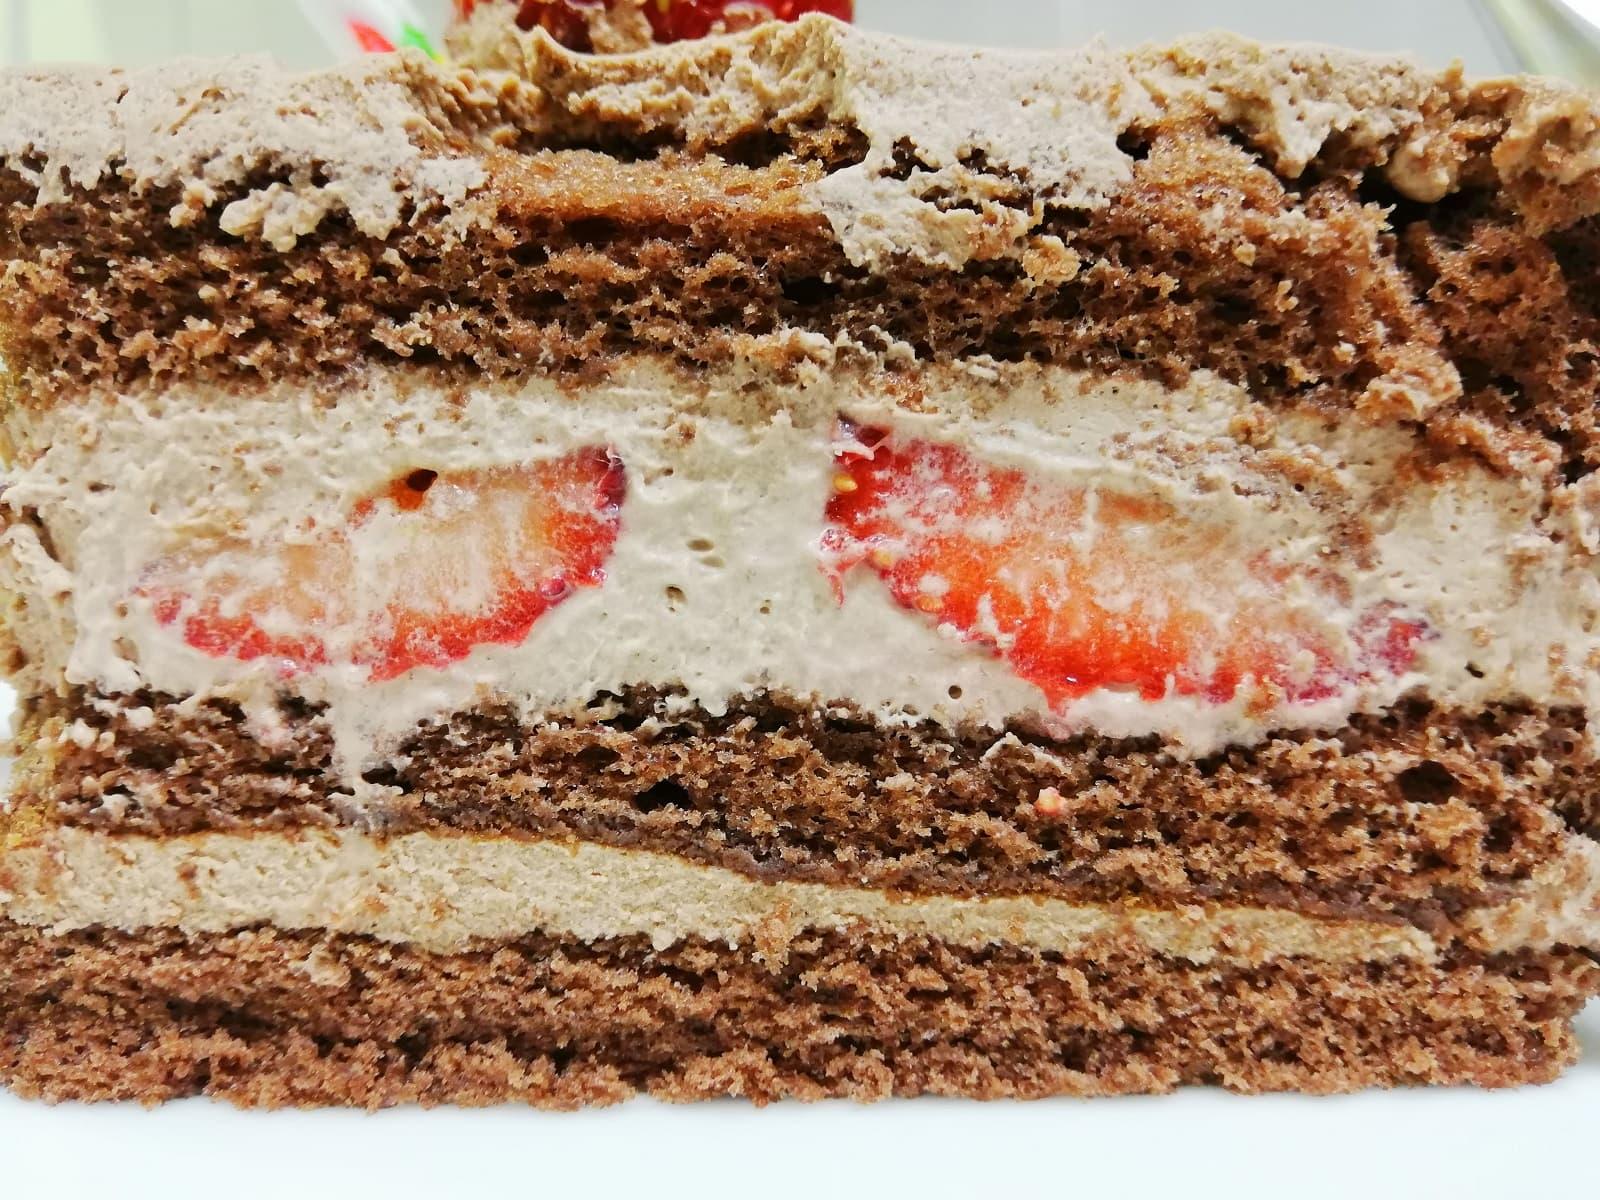 ツマガリのクリスマスケーキの断面